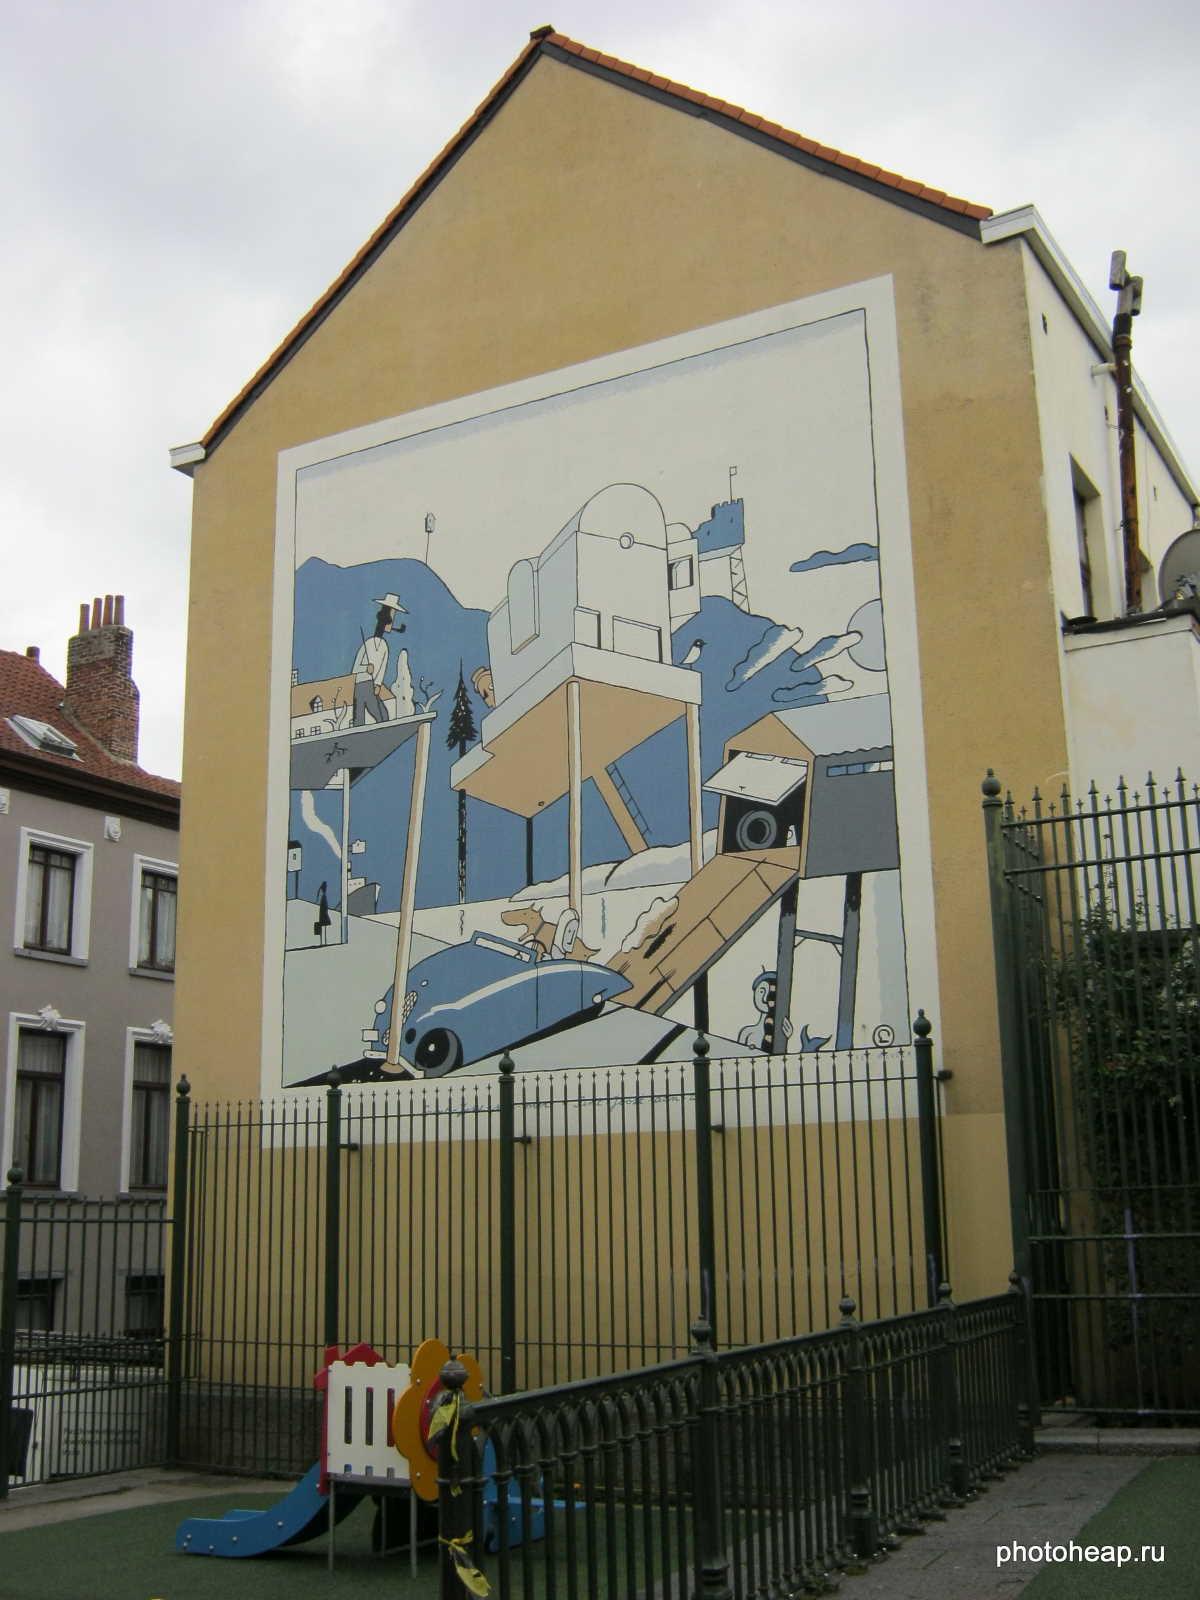 Комиксы на стене дома в Брюсселе